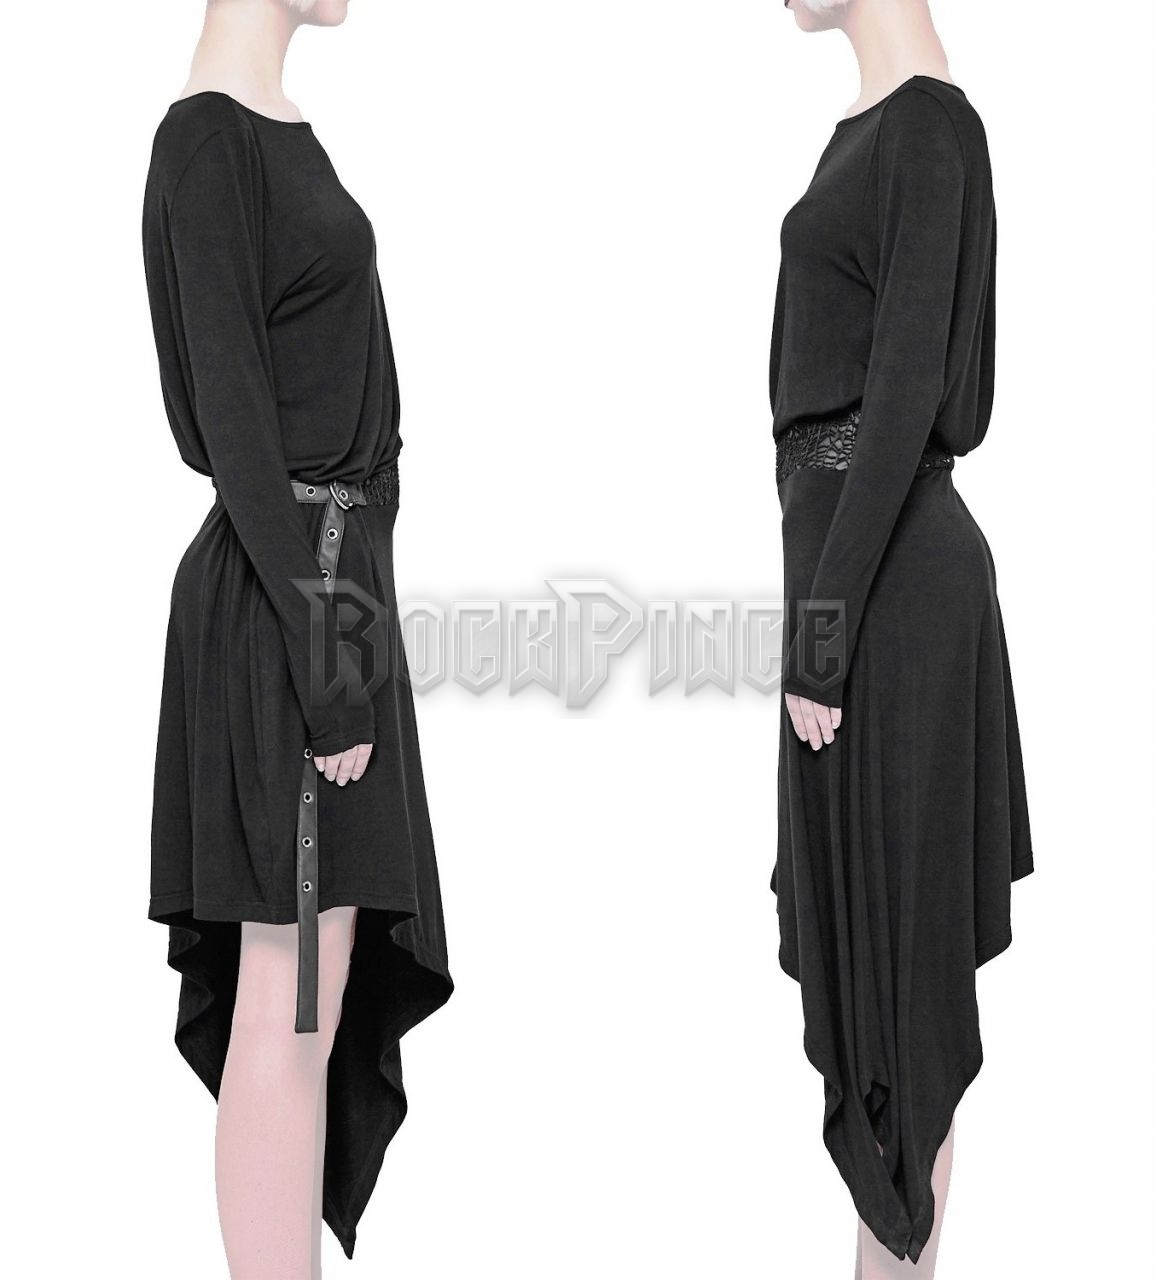 BLACK DRAMA - női ruha OQ-359-BK